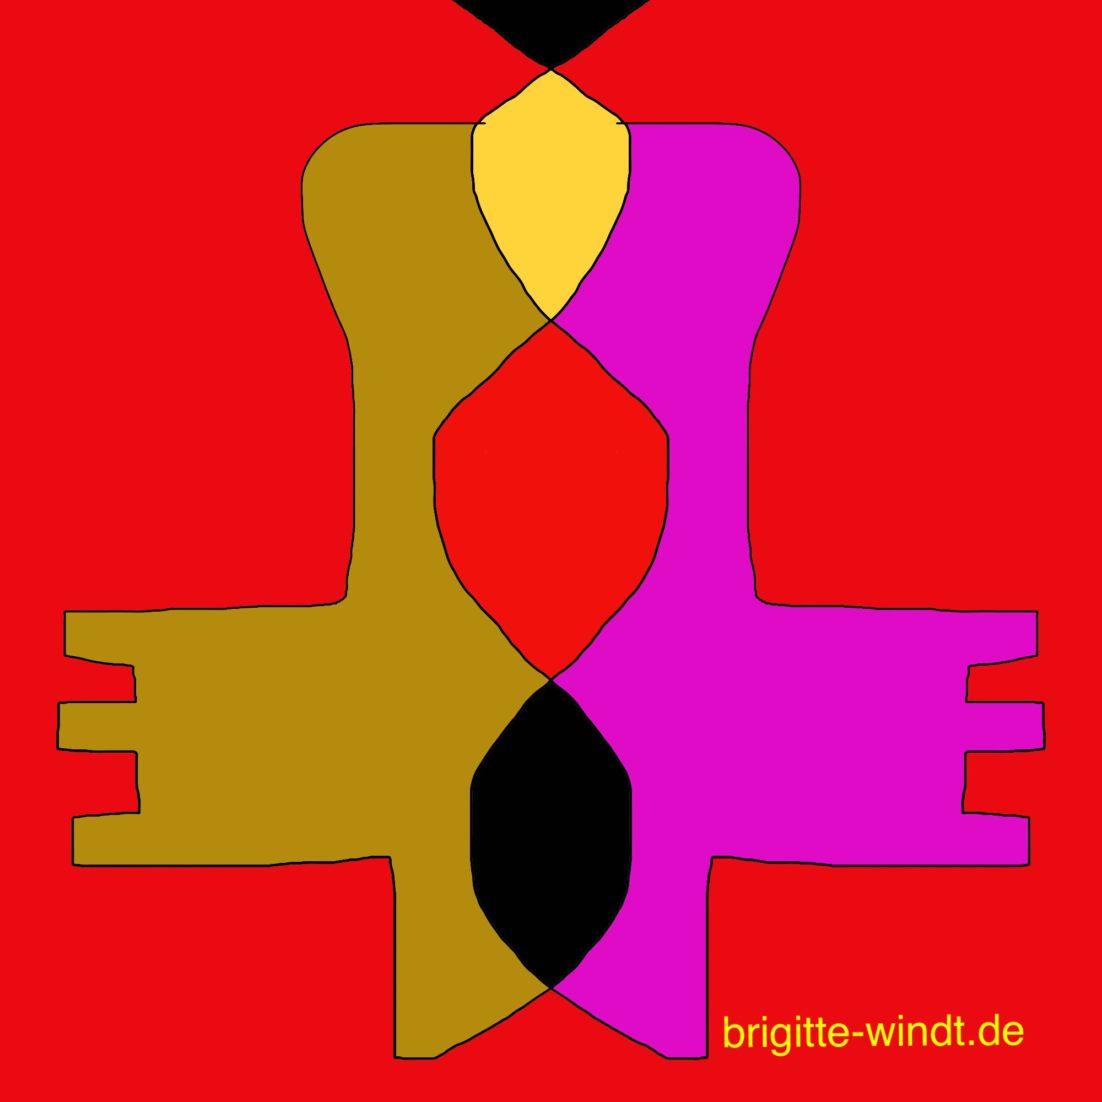 FREIKLANG Brigitte Windt. Oker, gelbe, schwarze und violette Formen auf rotem Grund.